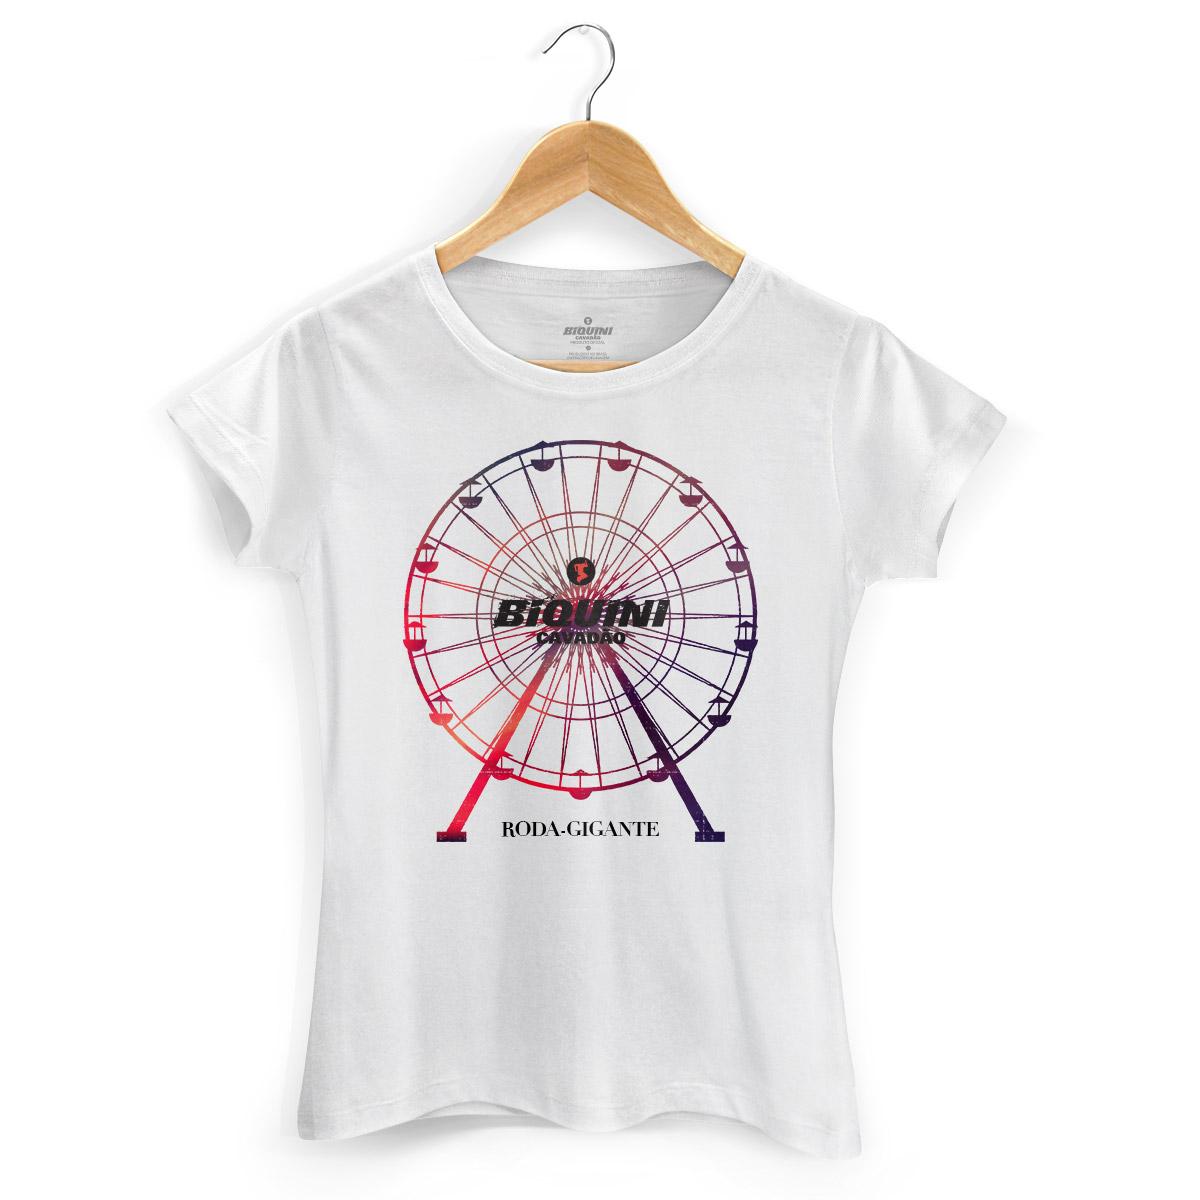 Camiseta Feminina Biquini Cavadão - Roda Gigante Picture